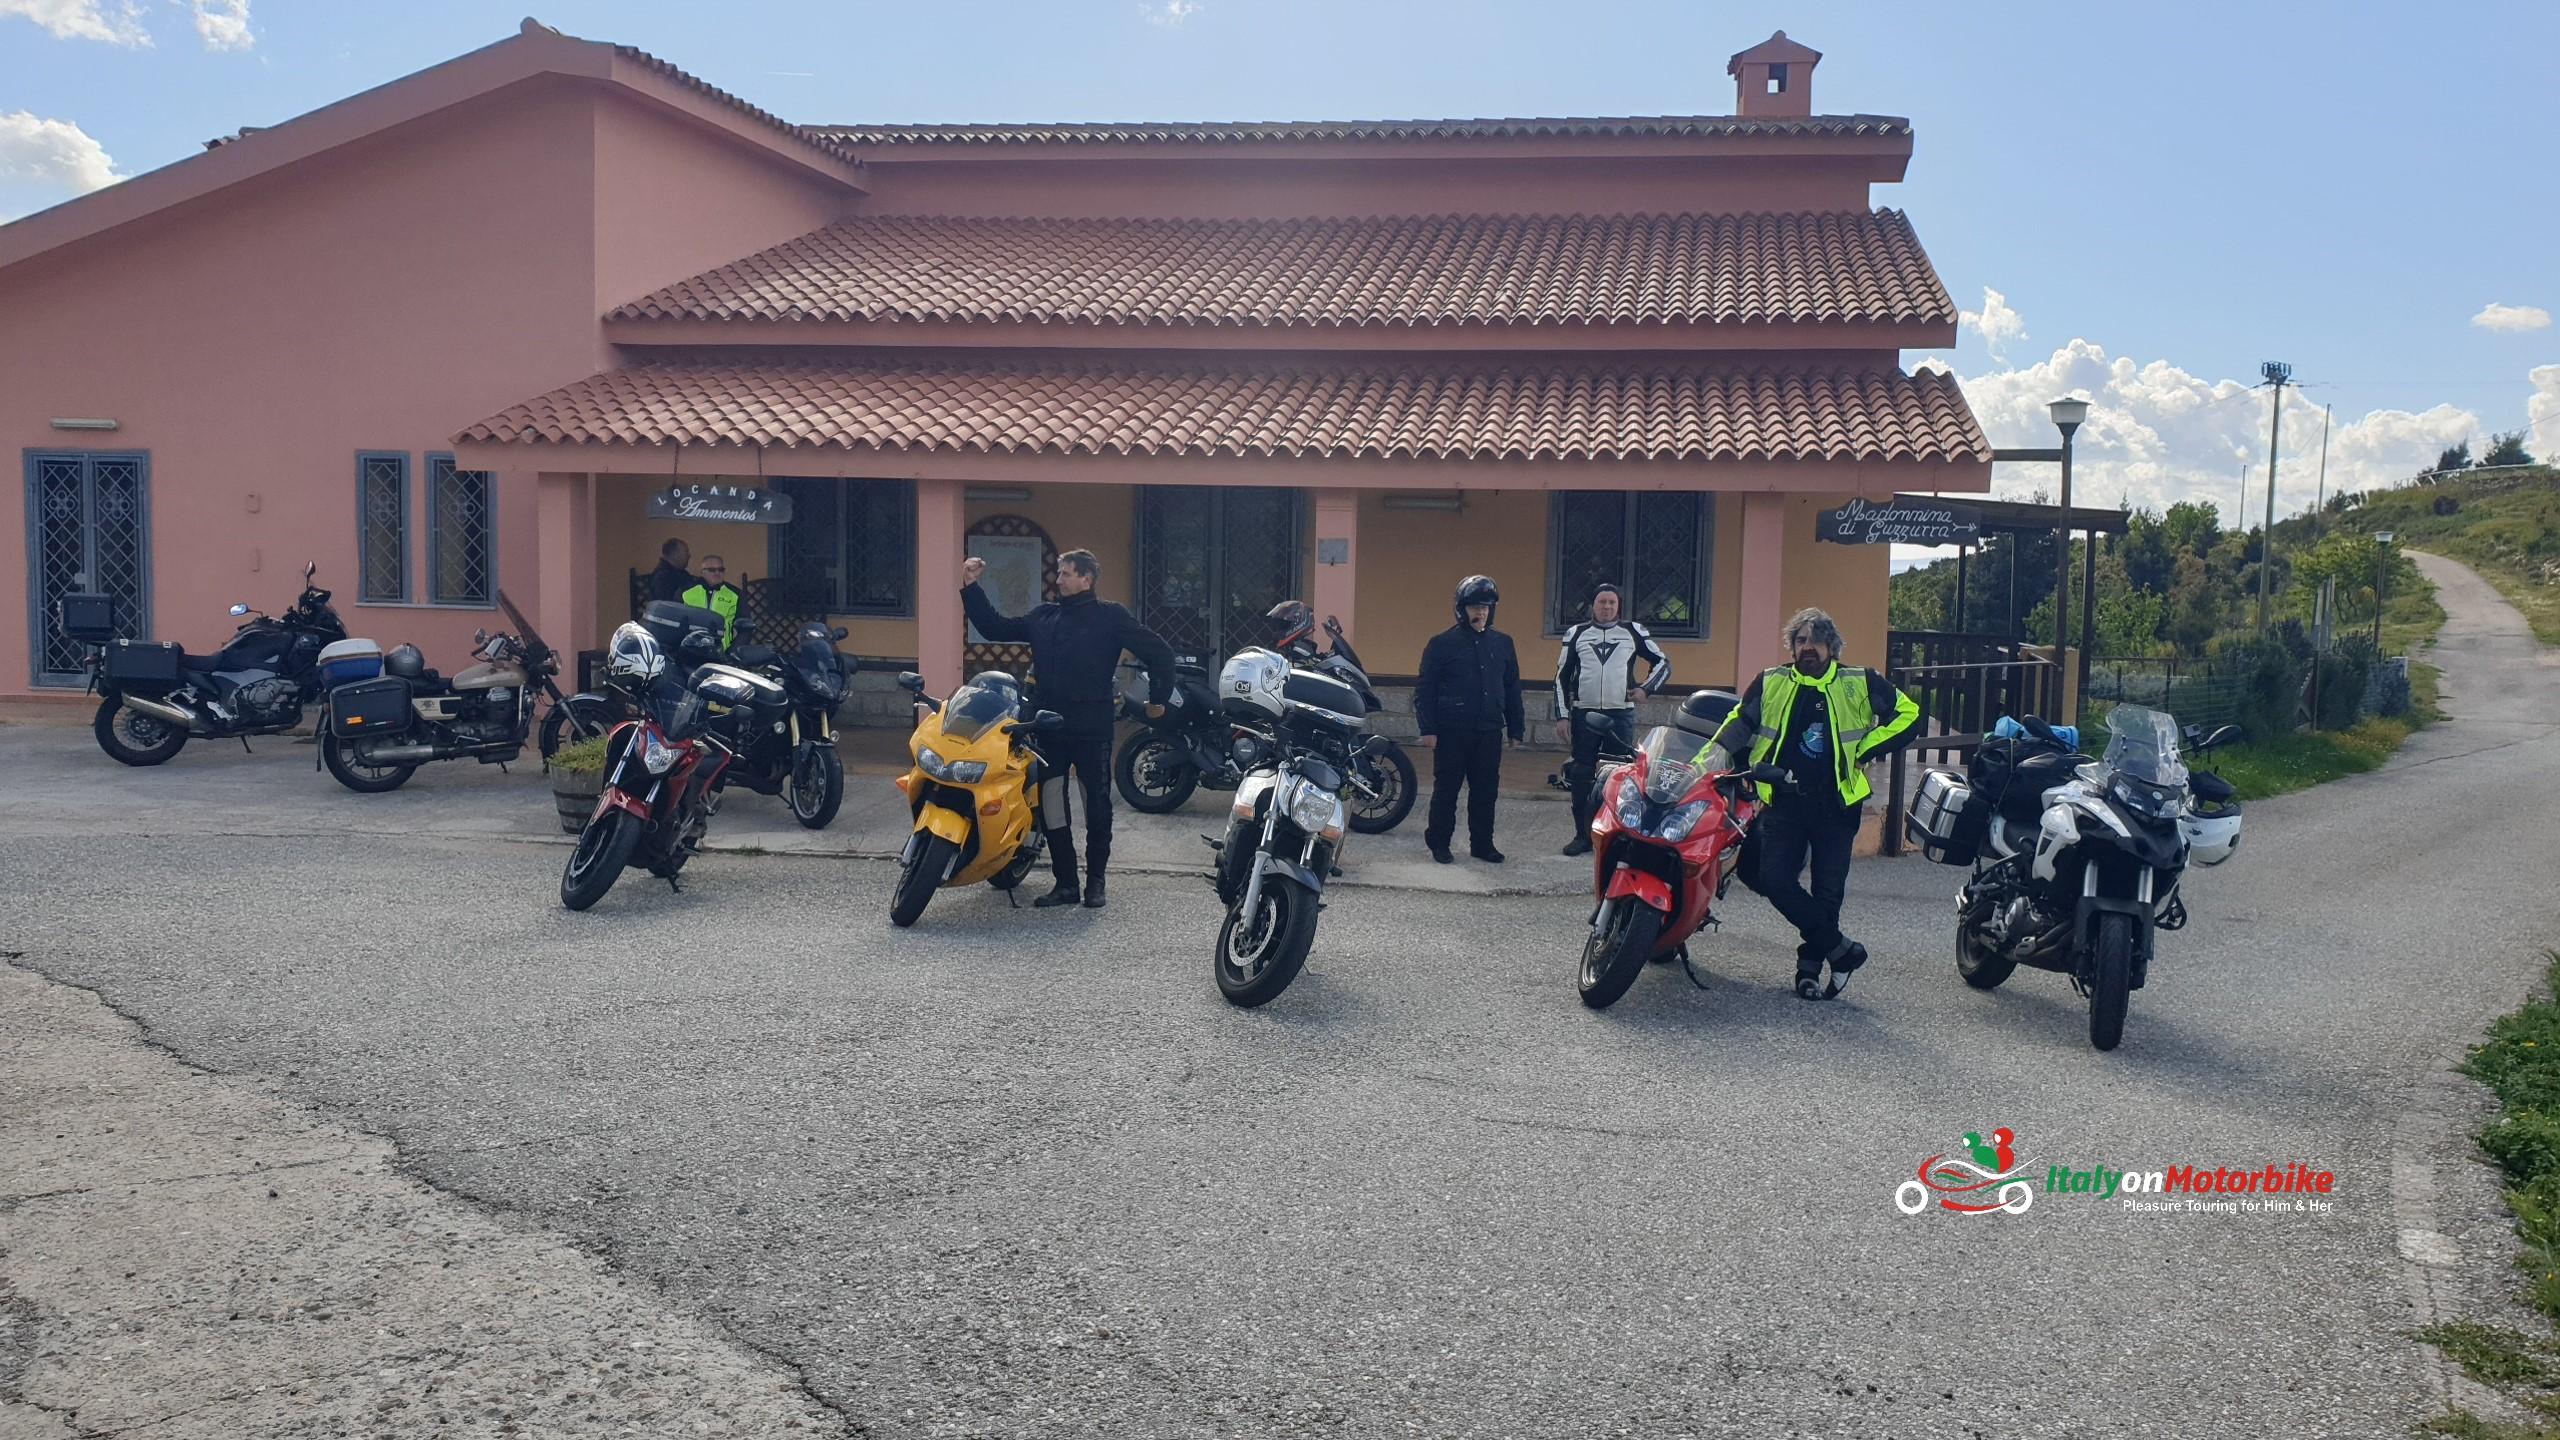 Tour guidé en moto en Italie avec un guide du coin